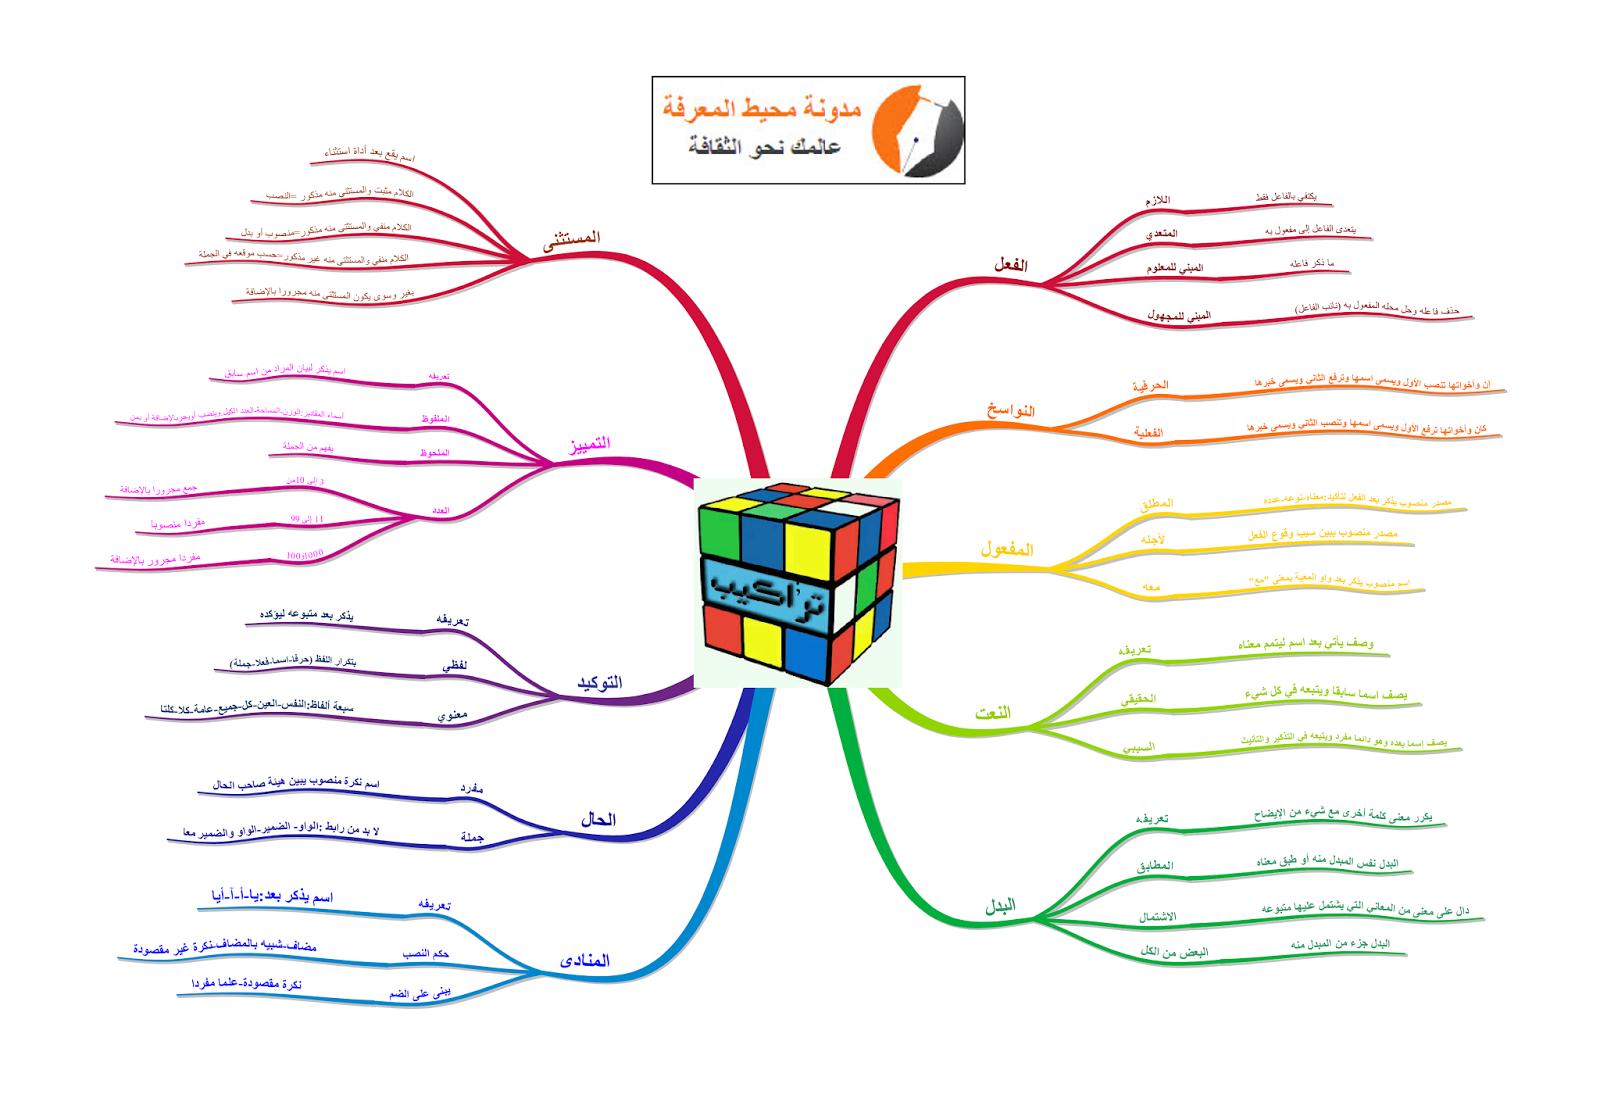 خريطة ذهنية لأساتذة القسم 6 : التراكيب